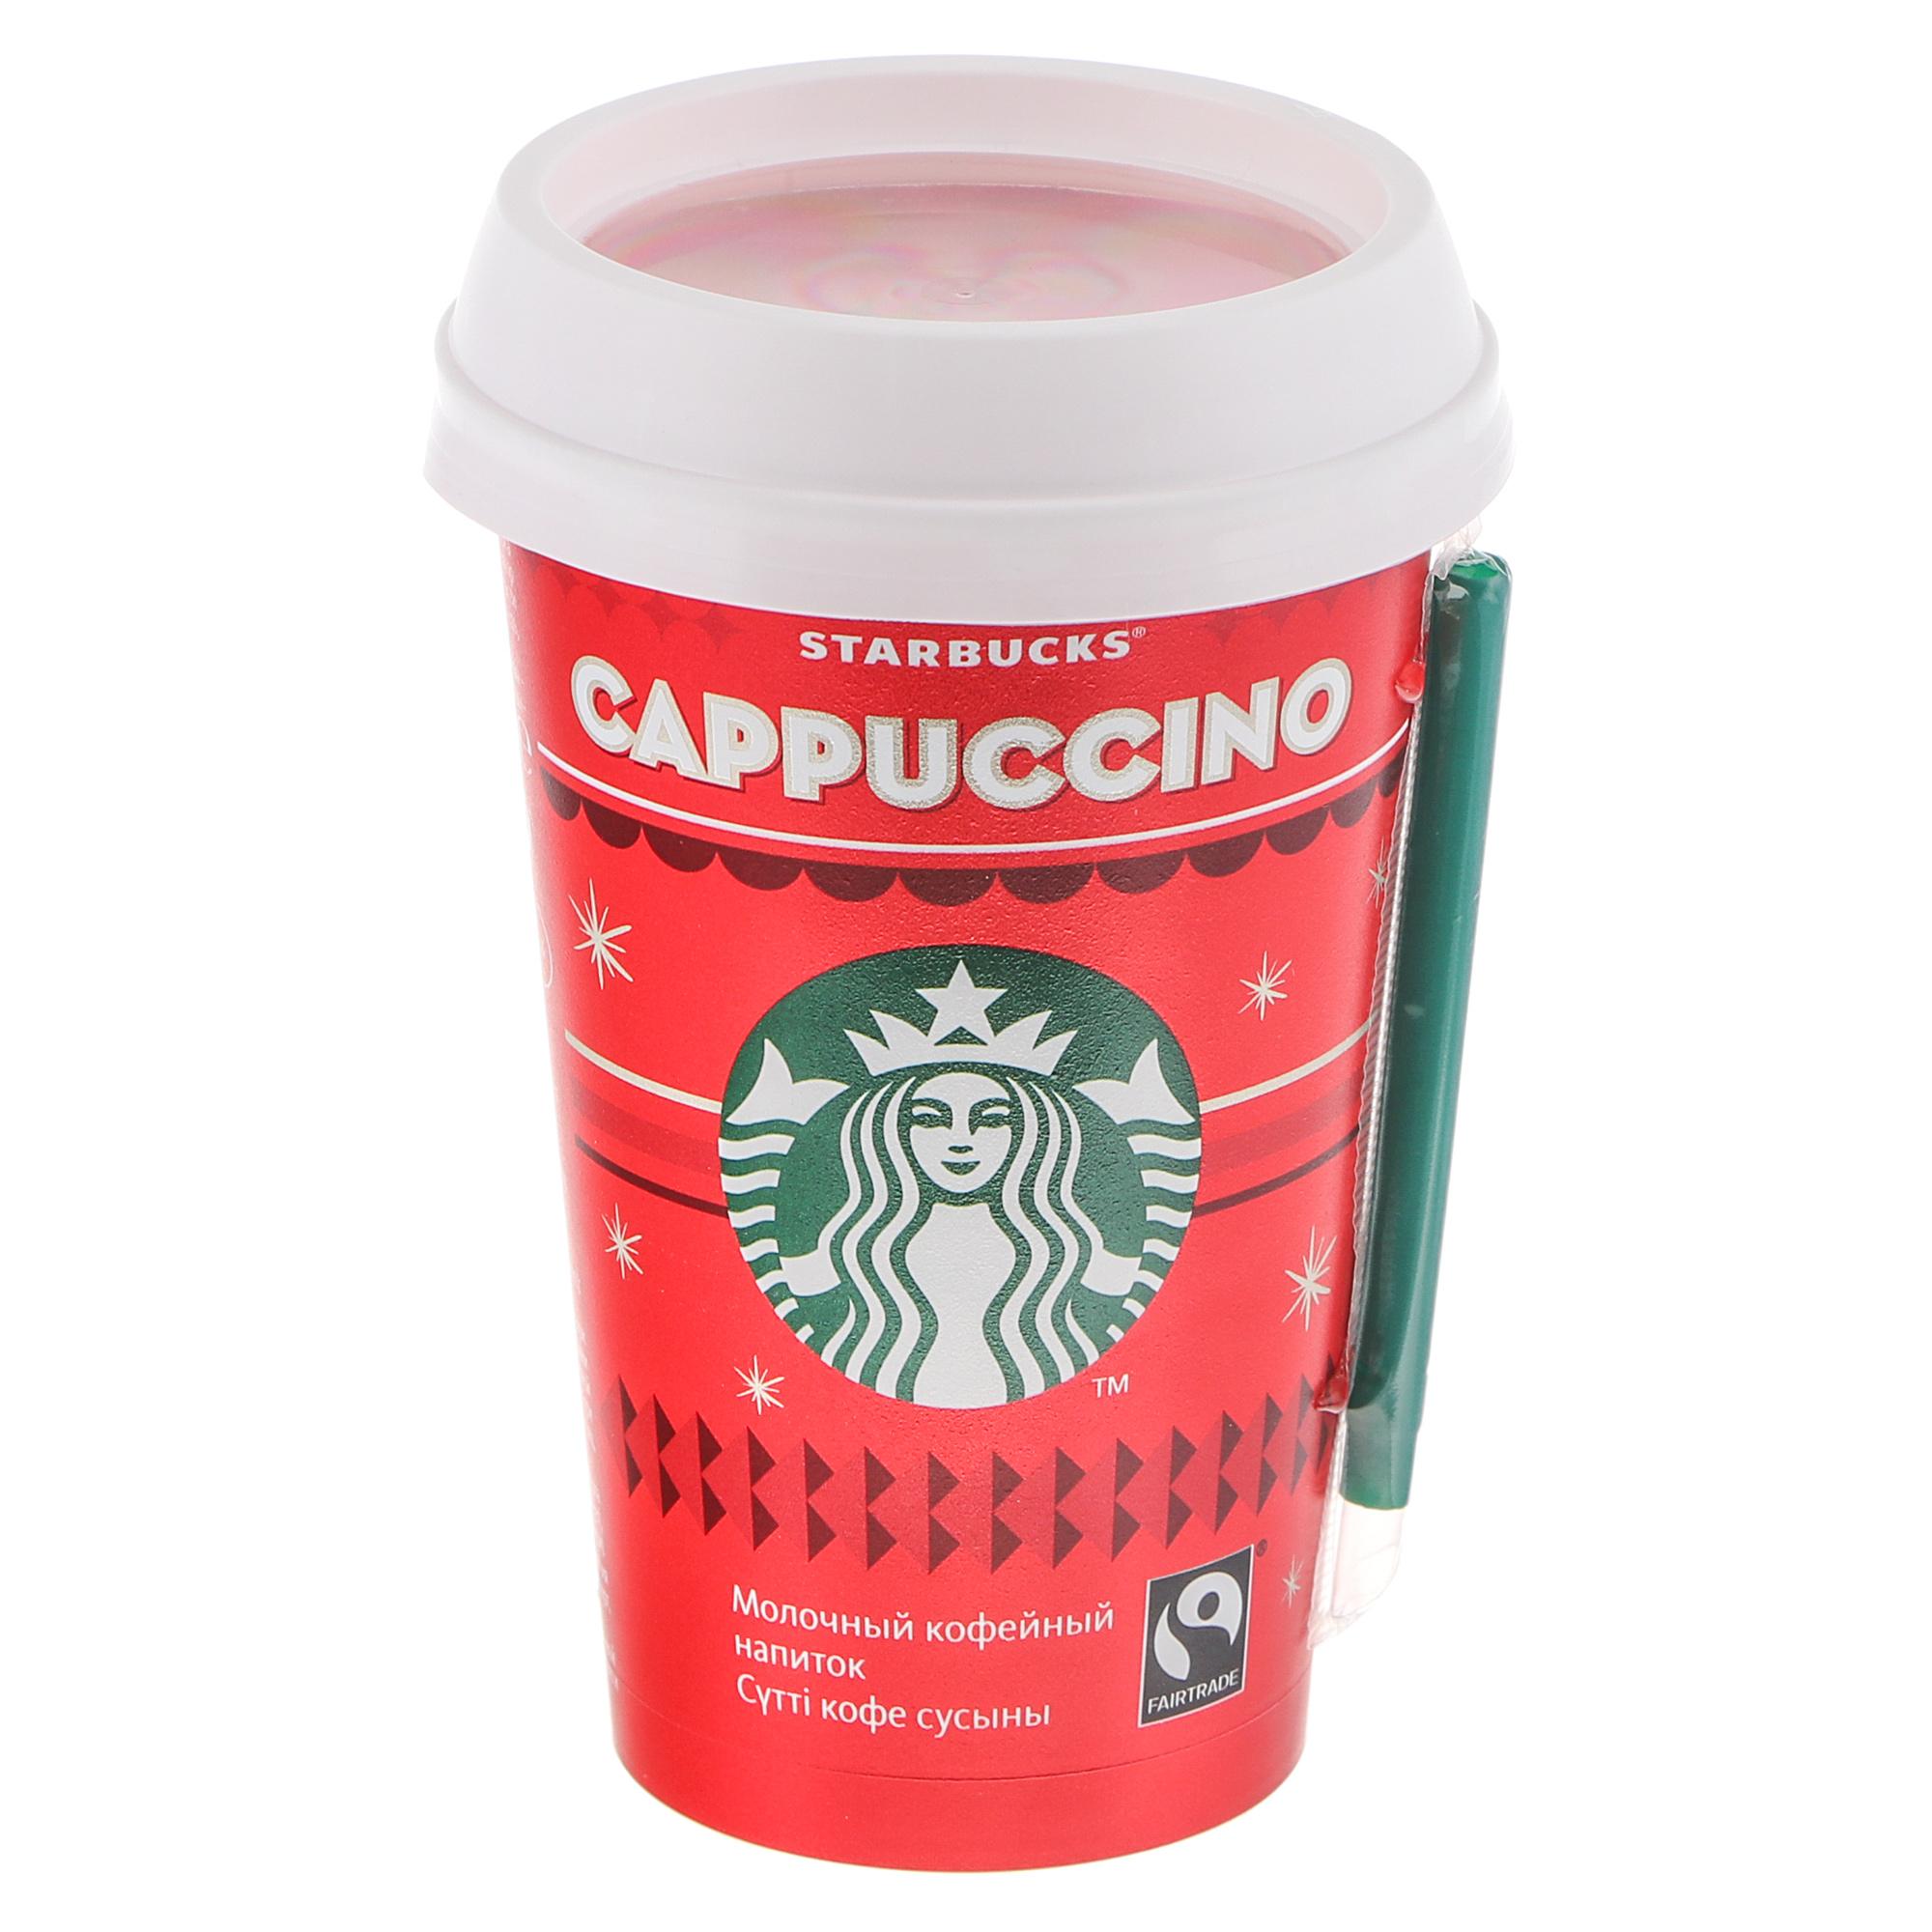 Напиток Cappuccino Starbucks молочный кофейный 0,22 л фото